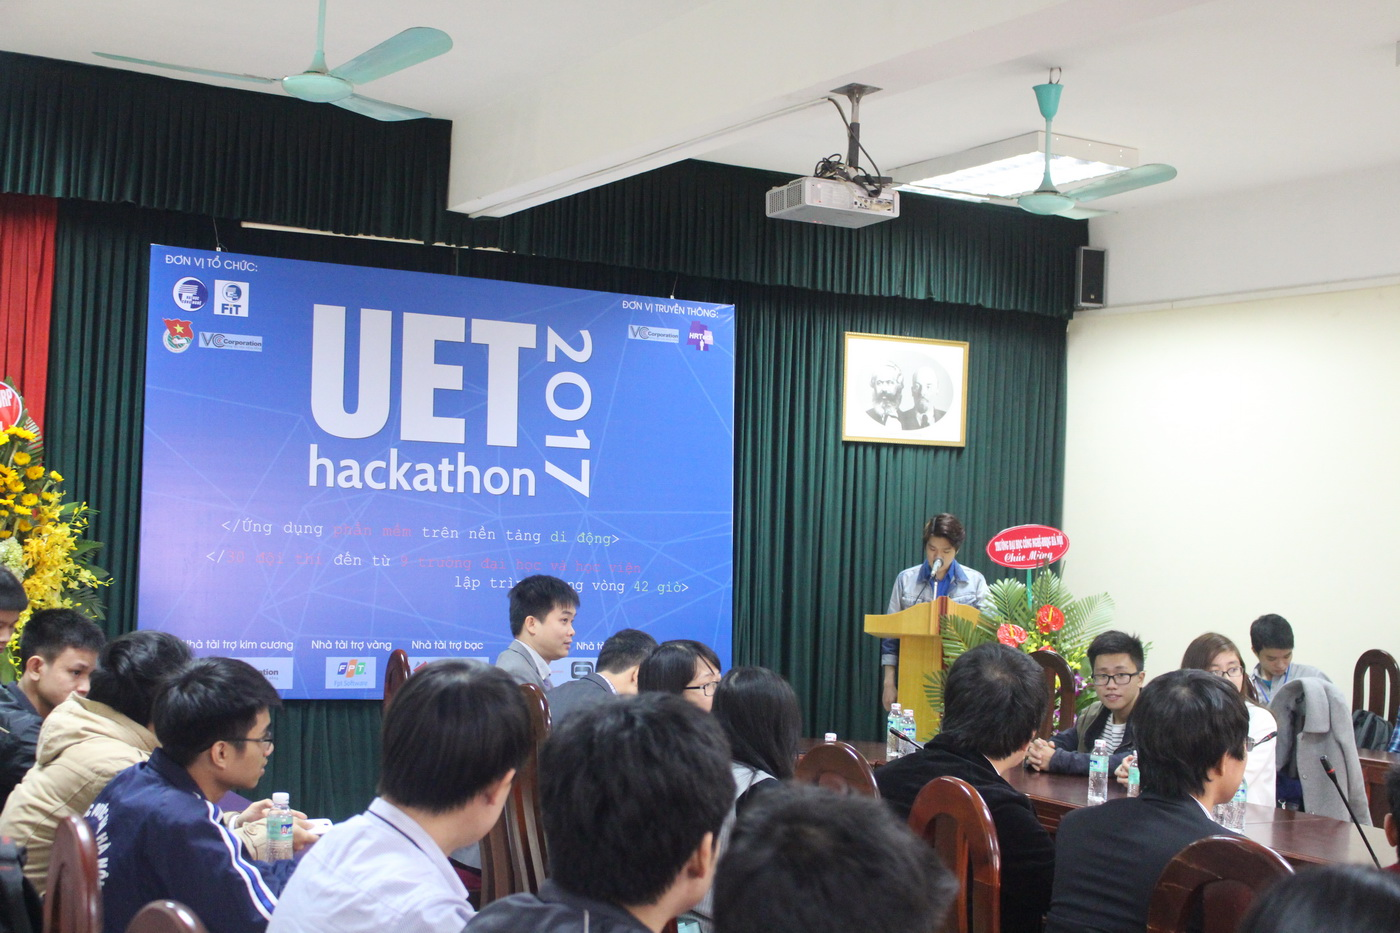 Khai mạc UET Hackathon 2017 - Nơi các anh tài công nghệ được hội tụ và thỏa sức sáng tạo - Ảnh 3.